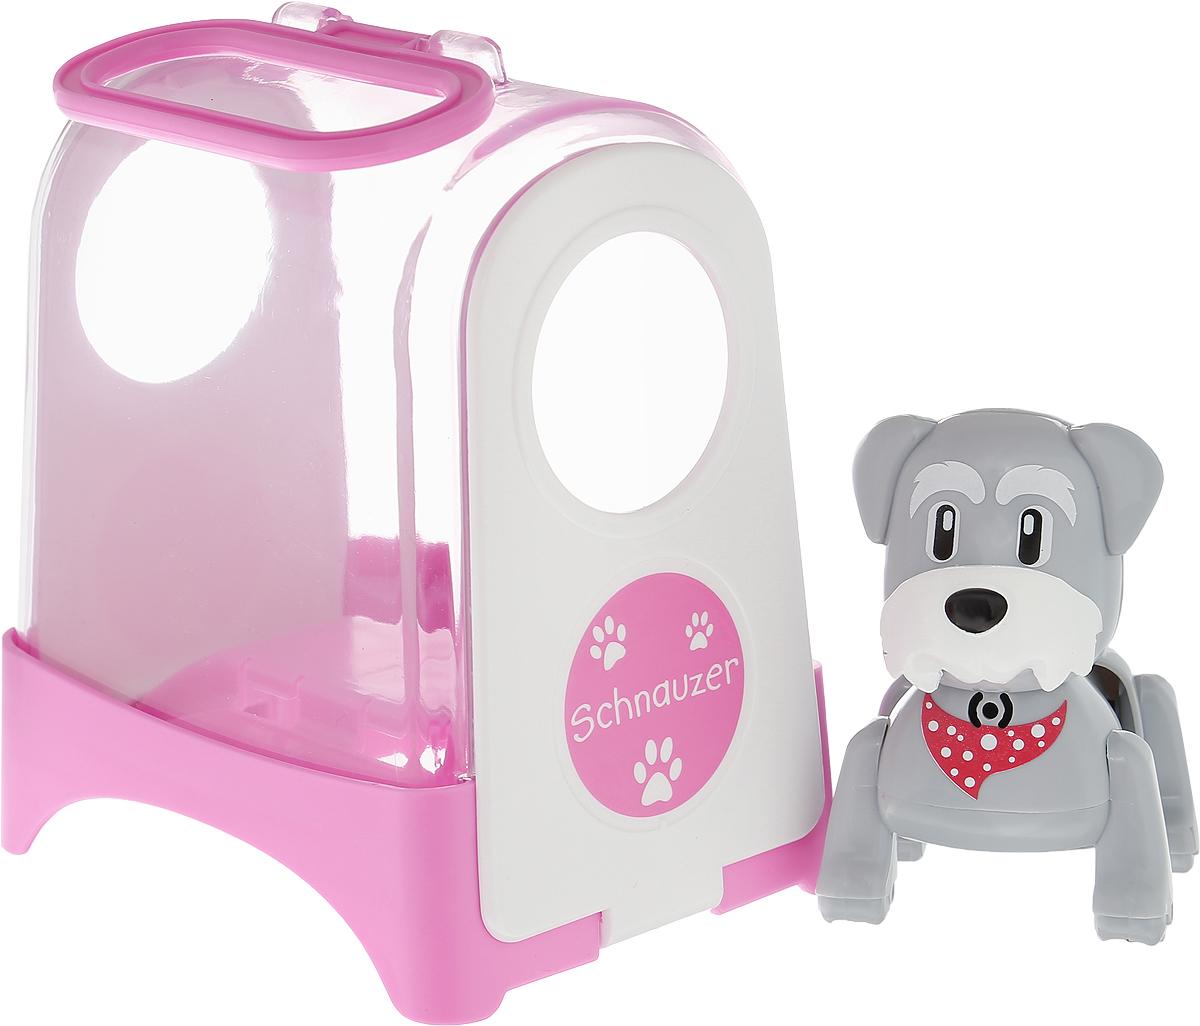 DigiFriends Интерактивная игрушка Щенок в переноске цвет переноски розовый белый88485S_розовый, белыйИнтерактивная игрушка DigiFriends Щенок в переноске непременно станет близким другом вашего малыша. Щенок умеет делать множество вещей, присущих настоящим домашним питомцам, и даже чуть больше! Нужно поиграть с животным, чтобы активизировать его: потрогать за голову, похлопать в ладоши или посвистеть. Щенок умеет самостоятельно ходить вперед и назад, издает приятные звуки и поет одну из встроенных песенок-мелодий. Во время передвижения задняя часть тела собачки раскачивается в ритме звучащих мелодий, а спинка шевелится подобно шерсти настоящего животного. Также вы можете брать его с собой в путешествие или на прогулку в удобной переноске, которая входит с ним в комплект. Игрушка синхронизируется с LilPuppies и LilKittens. Создайте свою коллекцию интерактивных щенков различных пород! Игрушка изготовлена из высококачественного пластика, который не содержит вредных химических веществ. Рекомендуется докупить 3 батарейки напряжением 1,5V типа АG13 (товар...